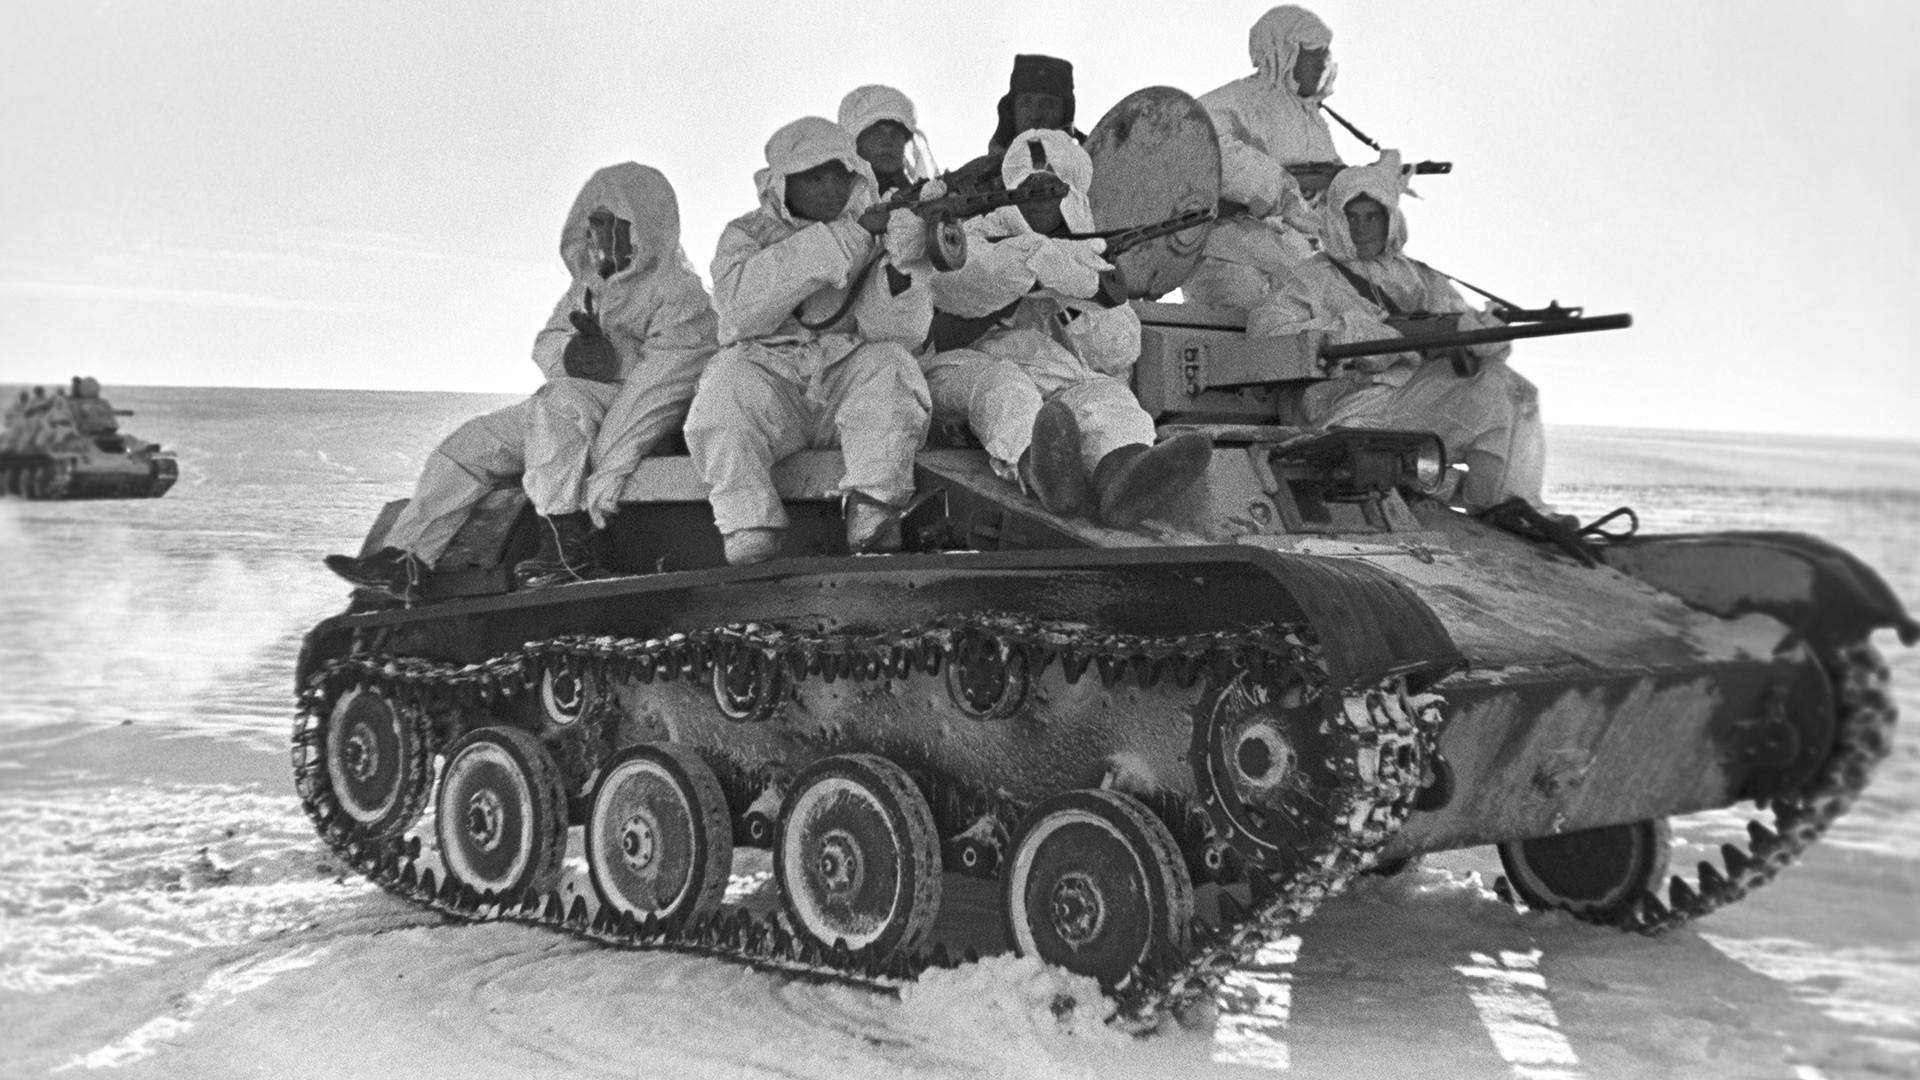 Paracaidistas del Ejército Rojo de Trabajadores y Campesinos en un tanque ligero T-60 durante una ofensiva en frente de Bránsk durante la Gran Guerra Patria